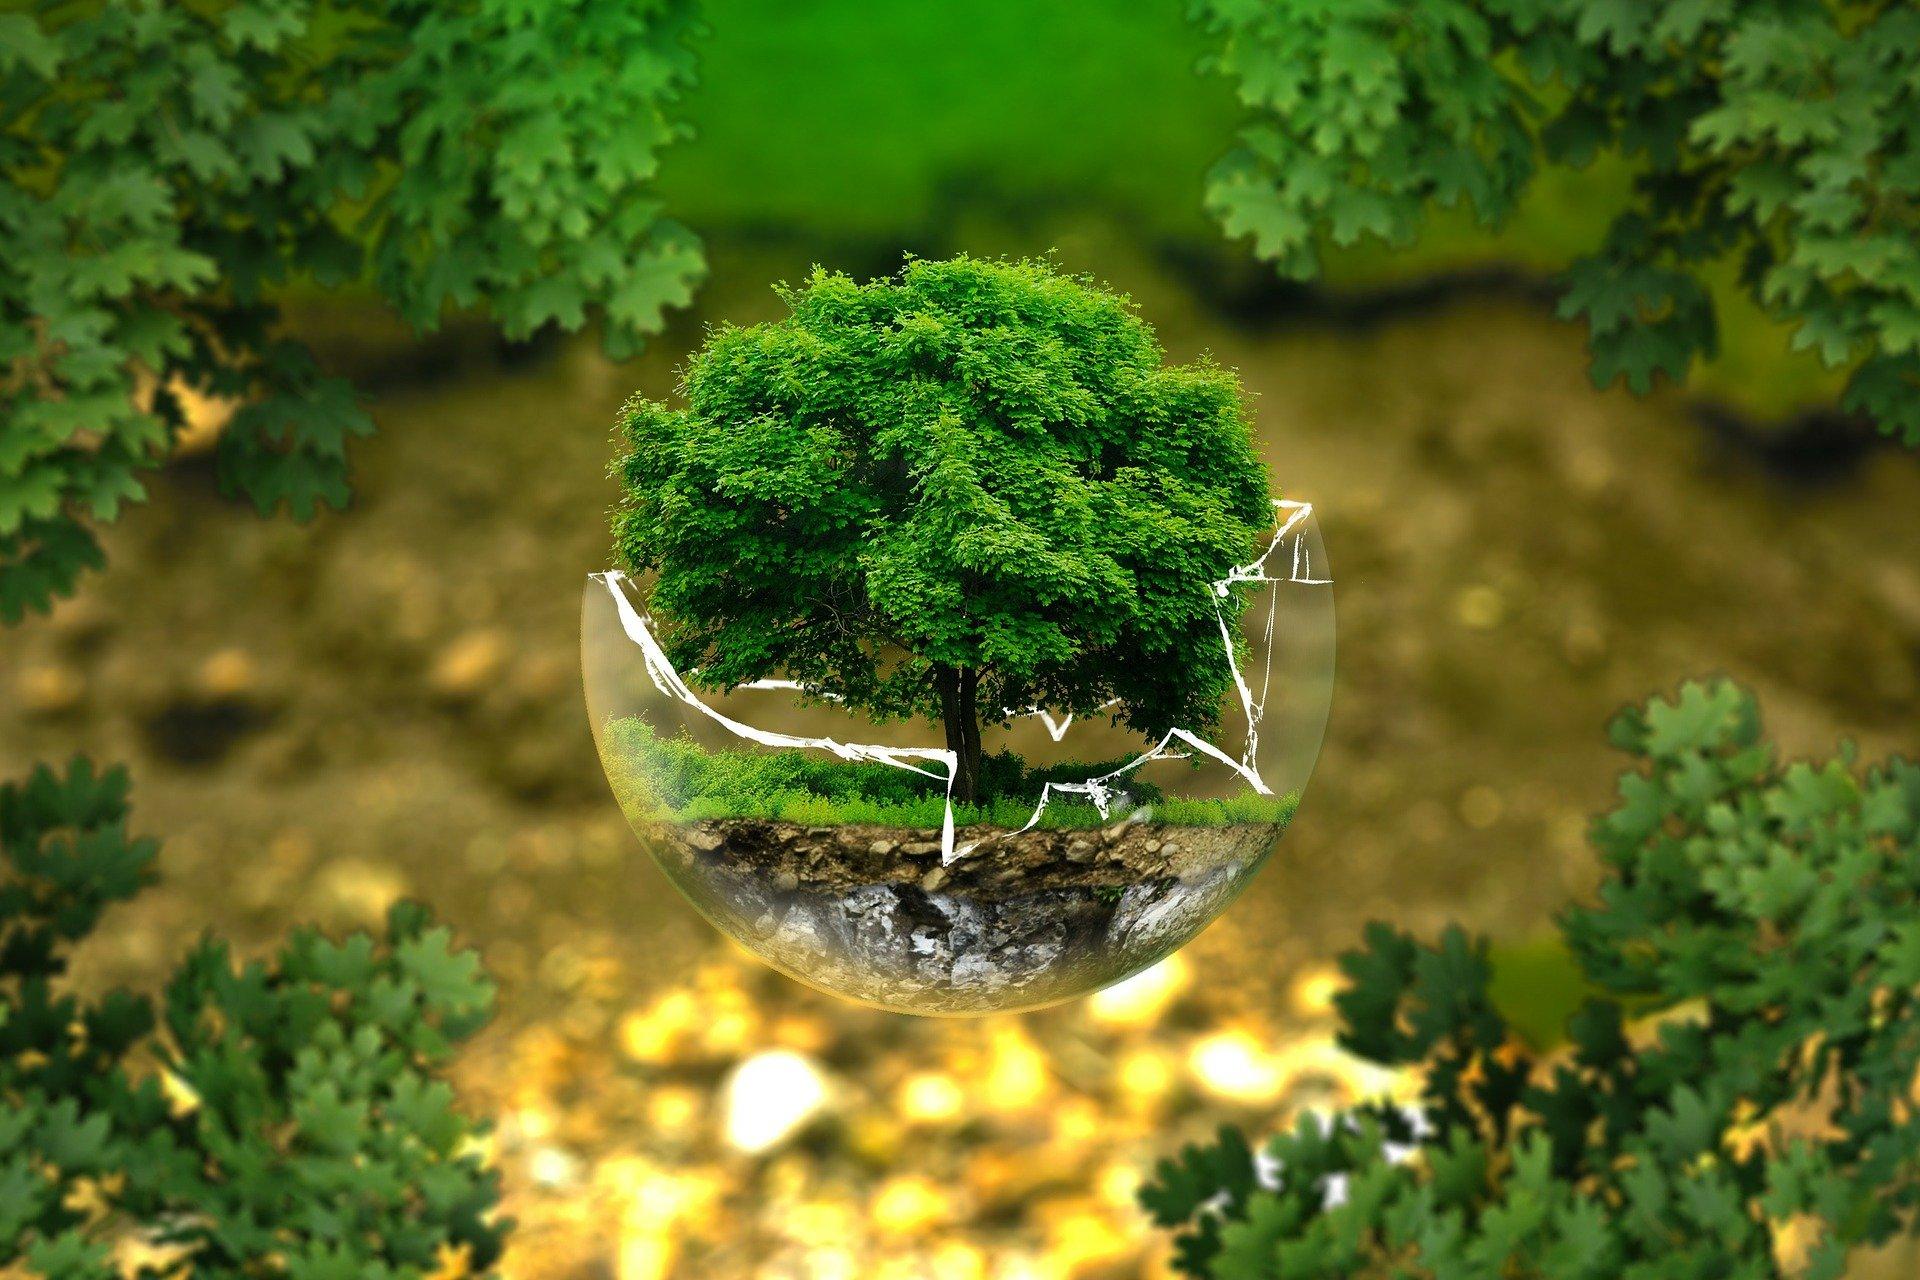 Παγκόσμια Ημέρα της Γης:  Χρέος μας να διαφυλάξουμε, να σώσουμε τη Γη – Πατρίδα